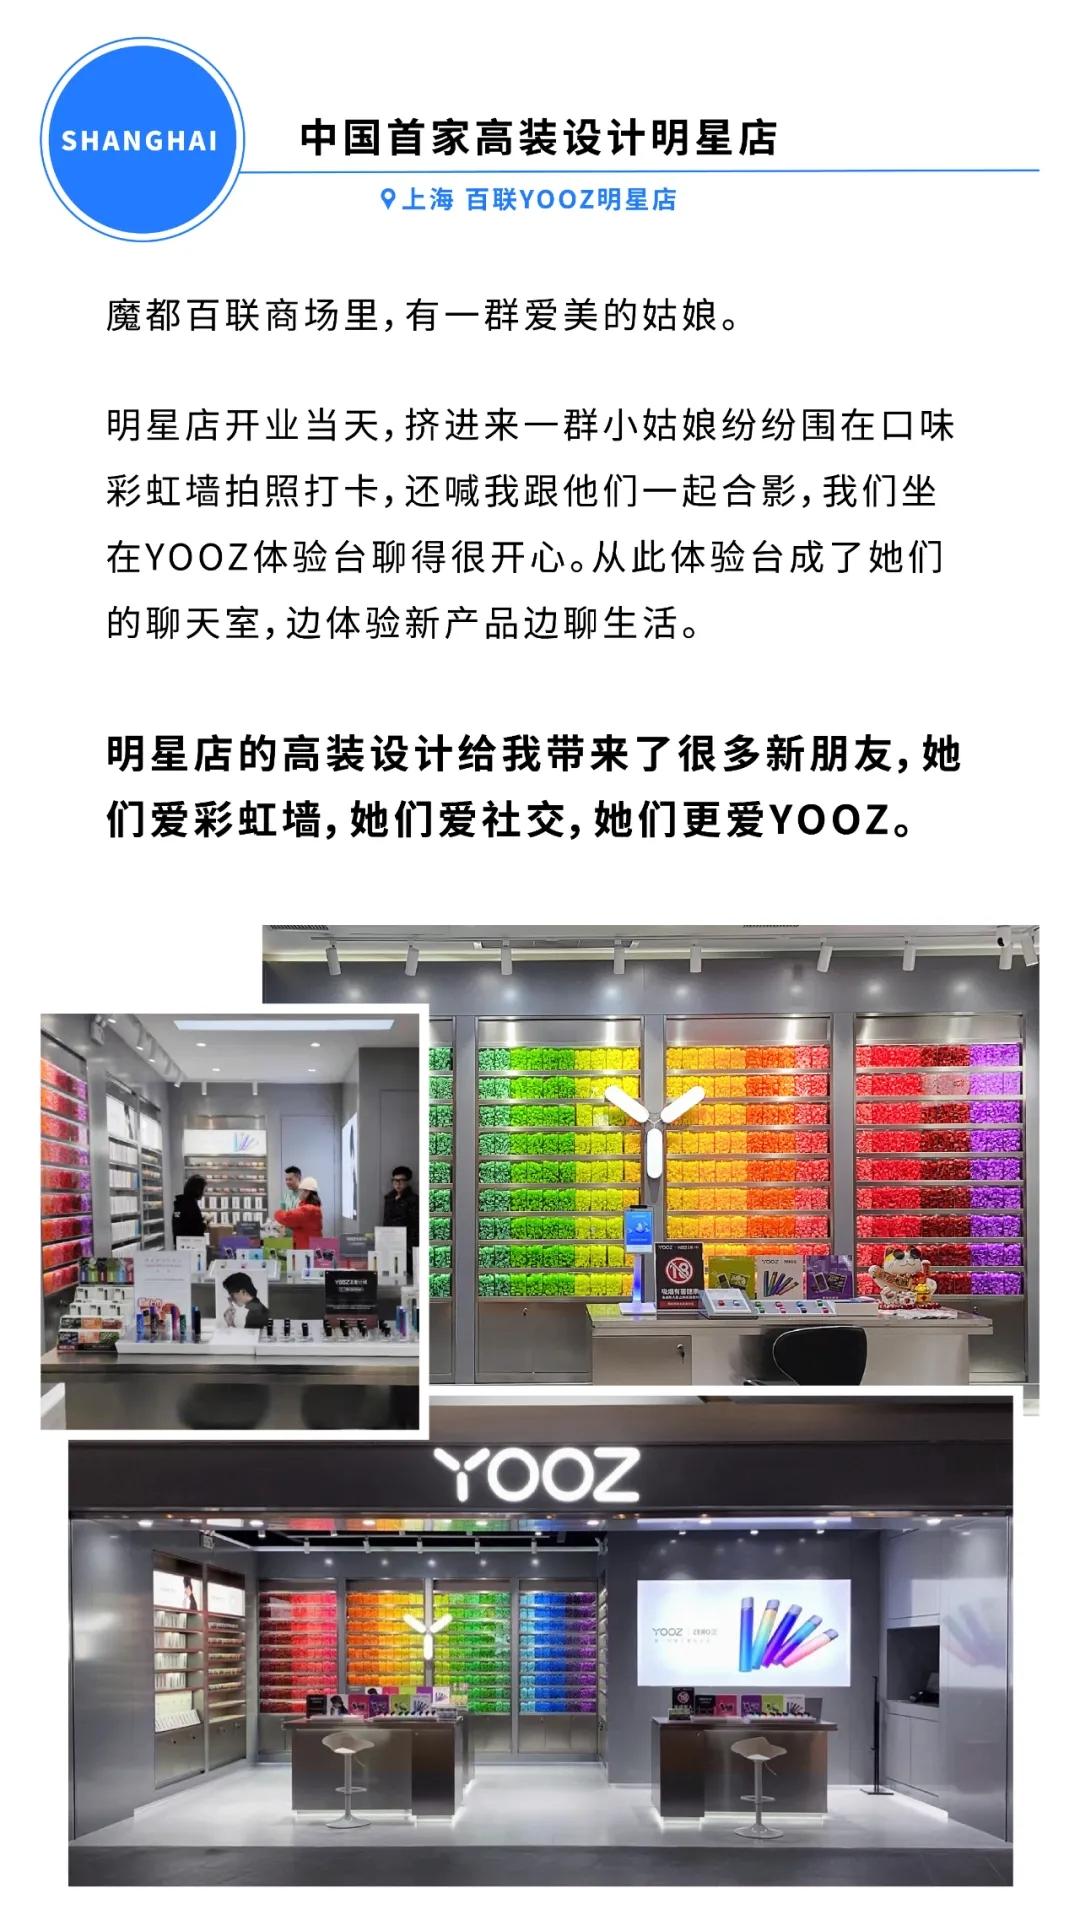 YOOZ国内专卖店已破4000家